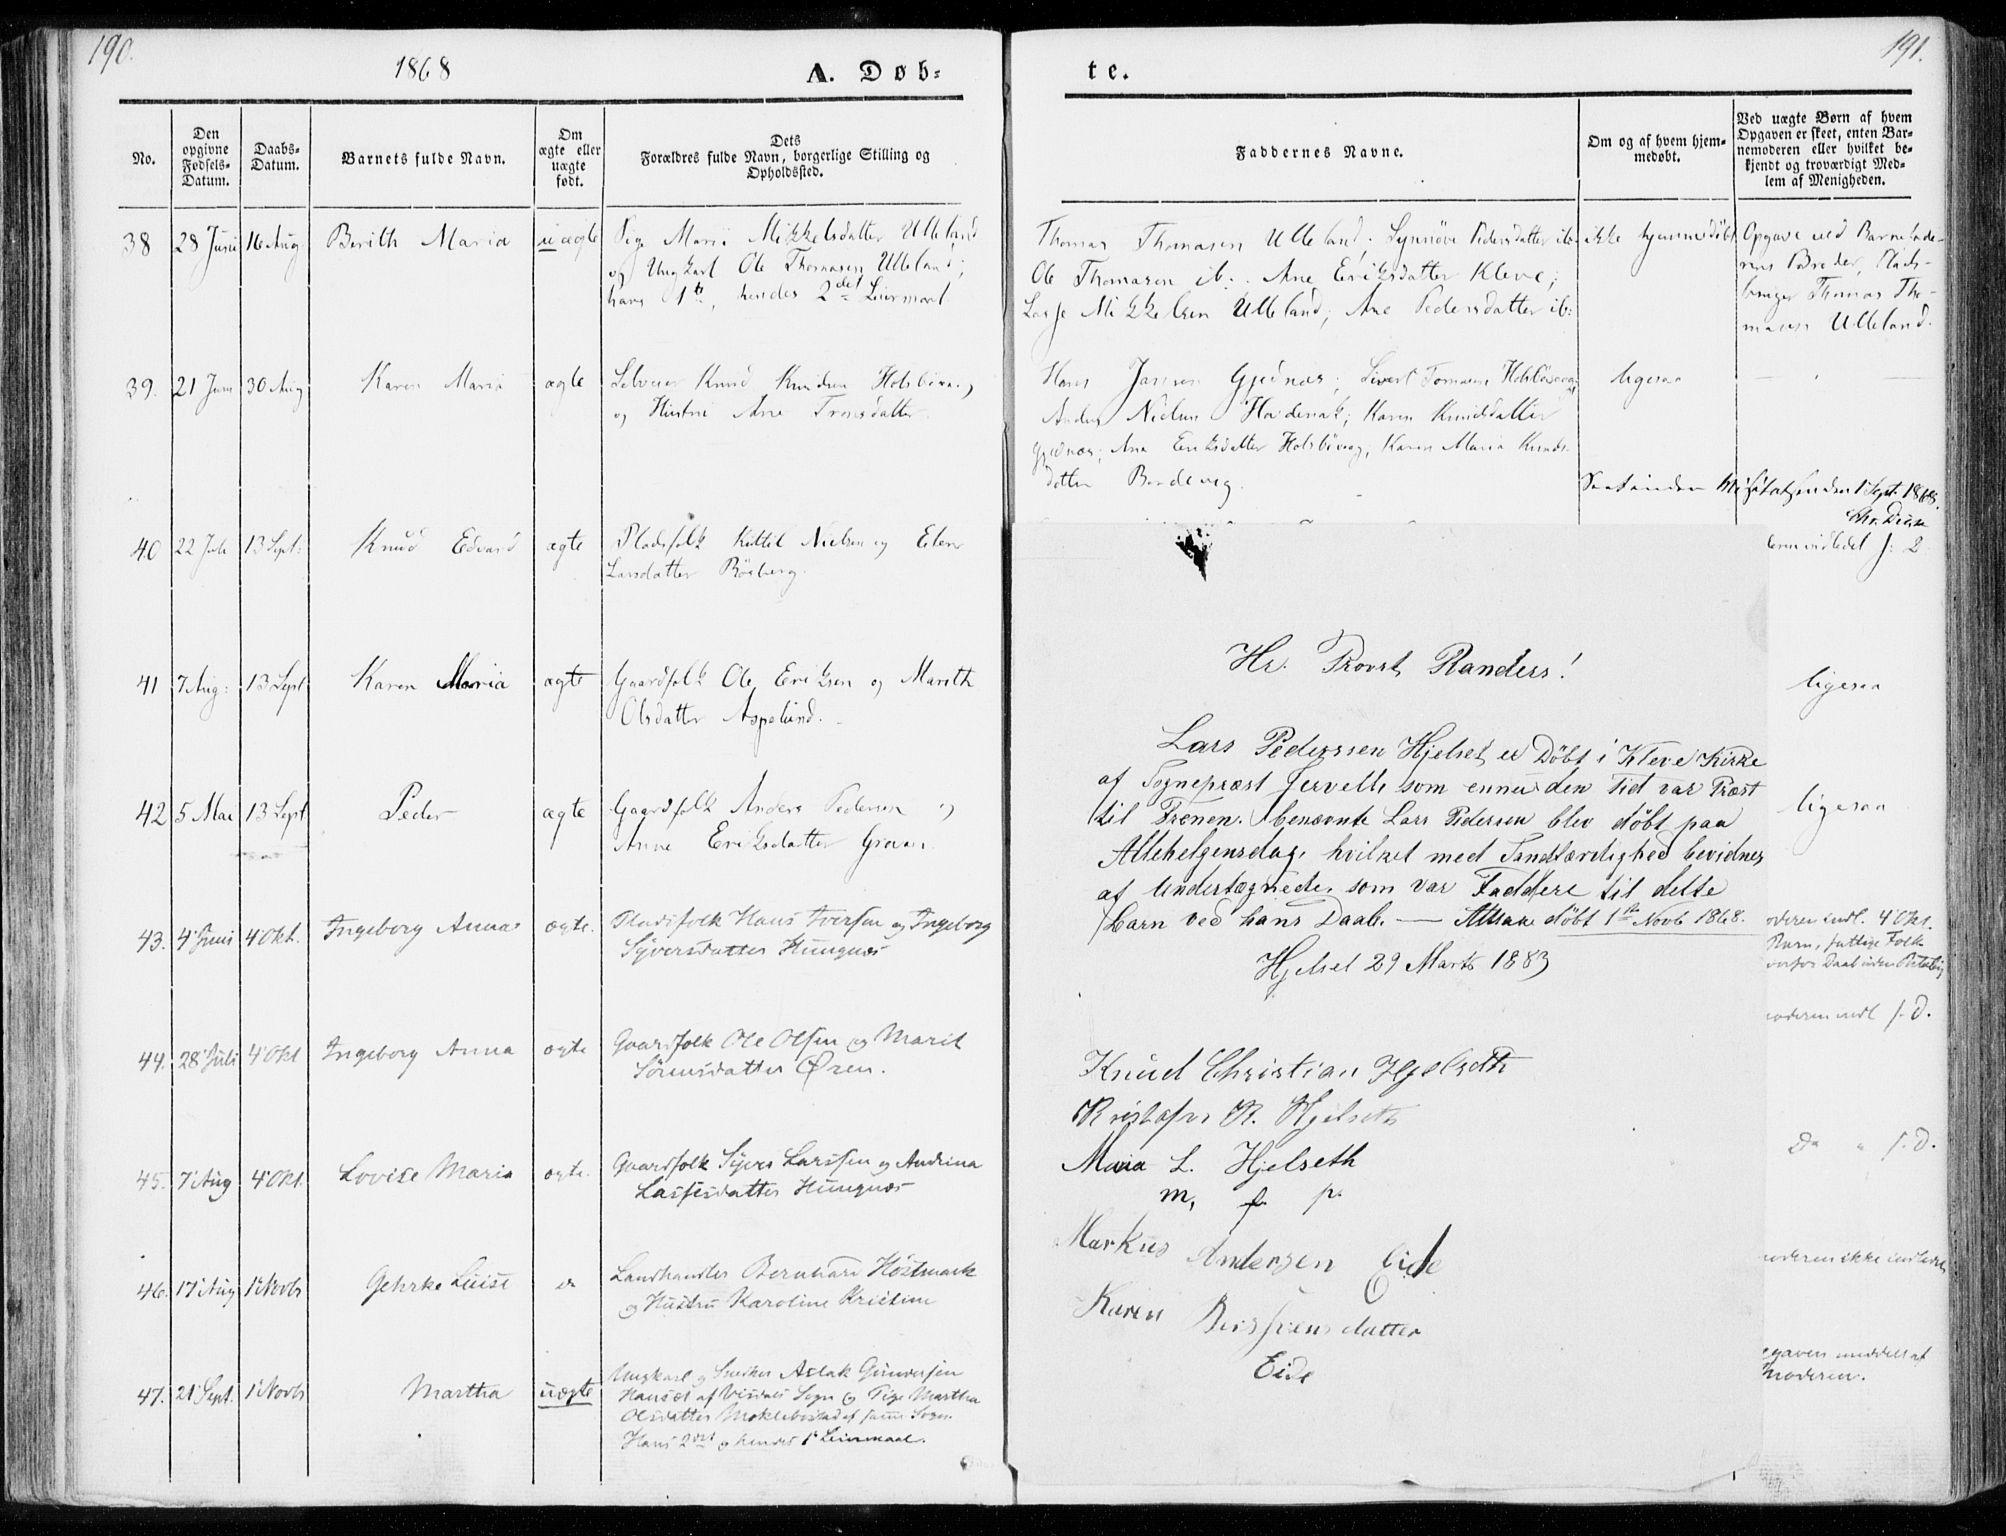 SAT, Ministerialprotokoller, klokkerbøker og fødselsregistre - Møre og Romsdal, 557/L0680: Ministerialbok nr. 557A02, 1843-1869, s. 190-191